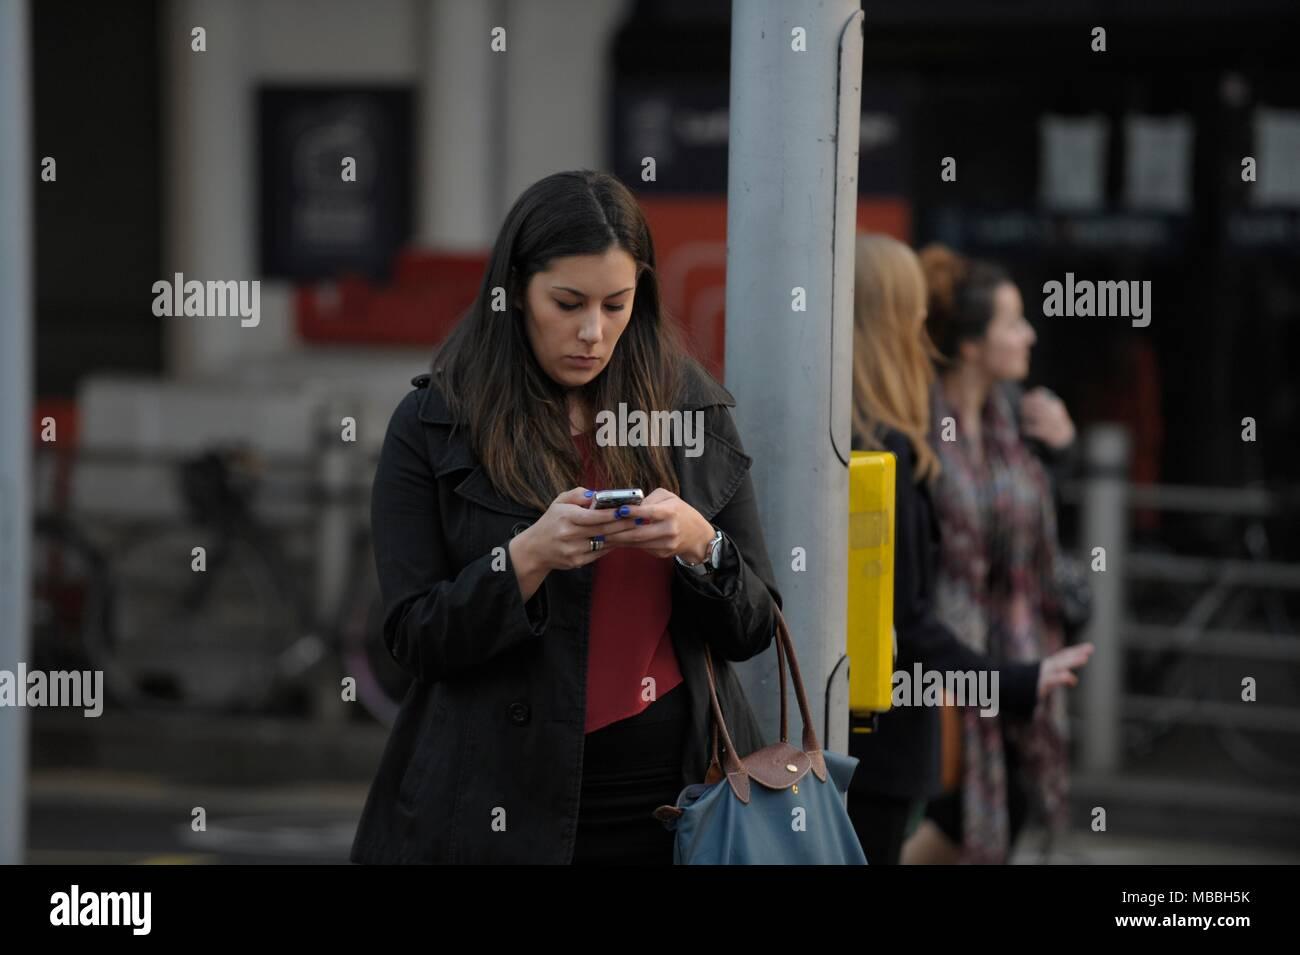 Les gens sur leur cellulaire Photo Stock